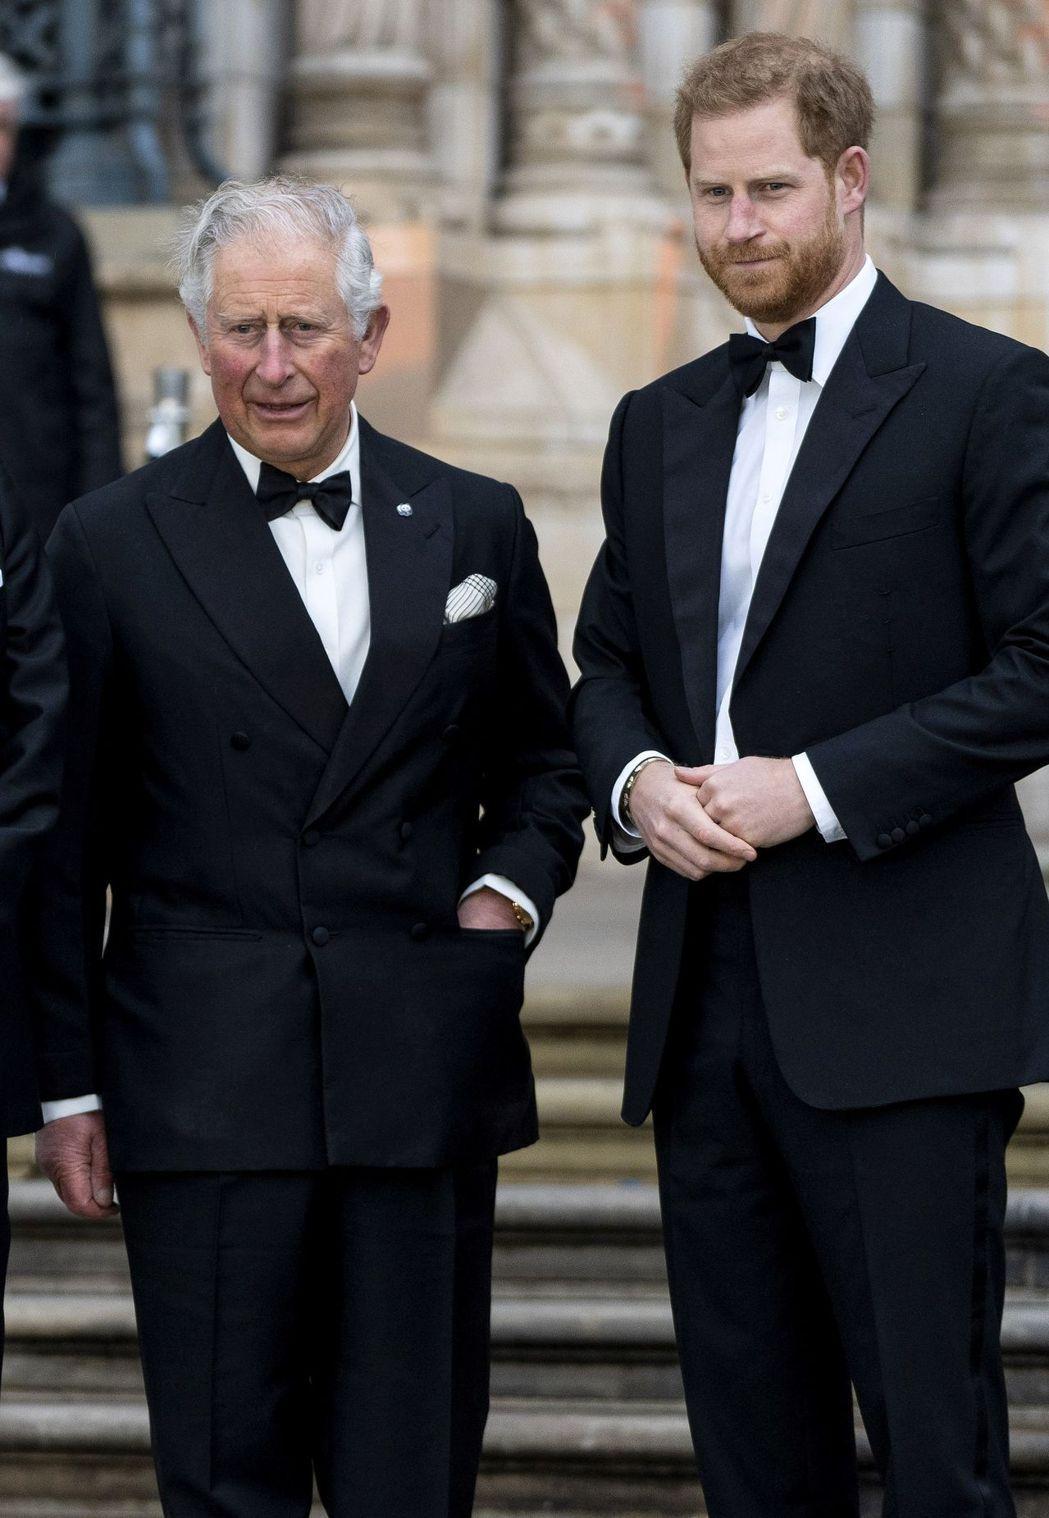 英國王儲查爾斯王子新冠肺炎確診,據傳哈利本想返回英國探視,但遭擔憂疫情的梅根禁止...